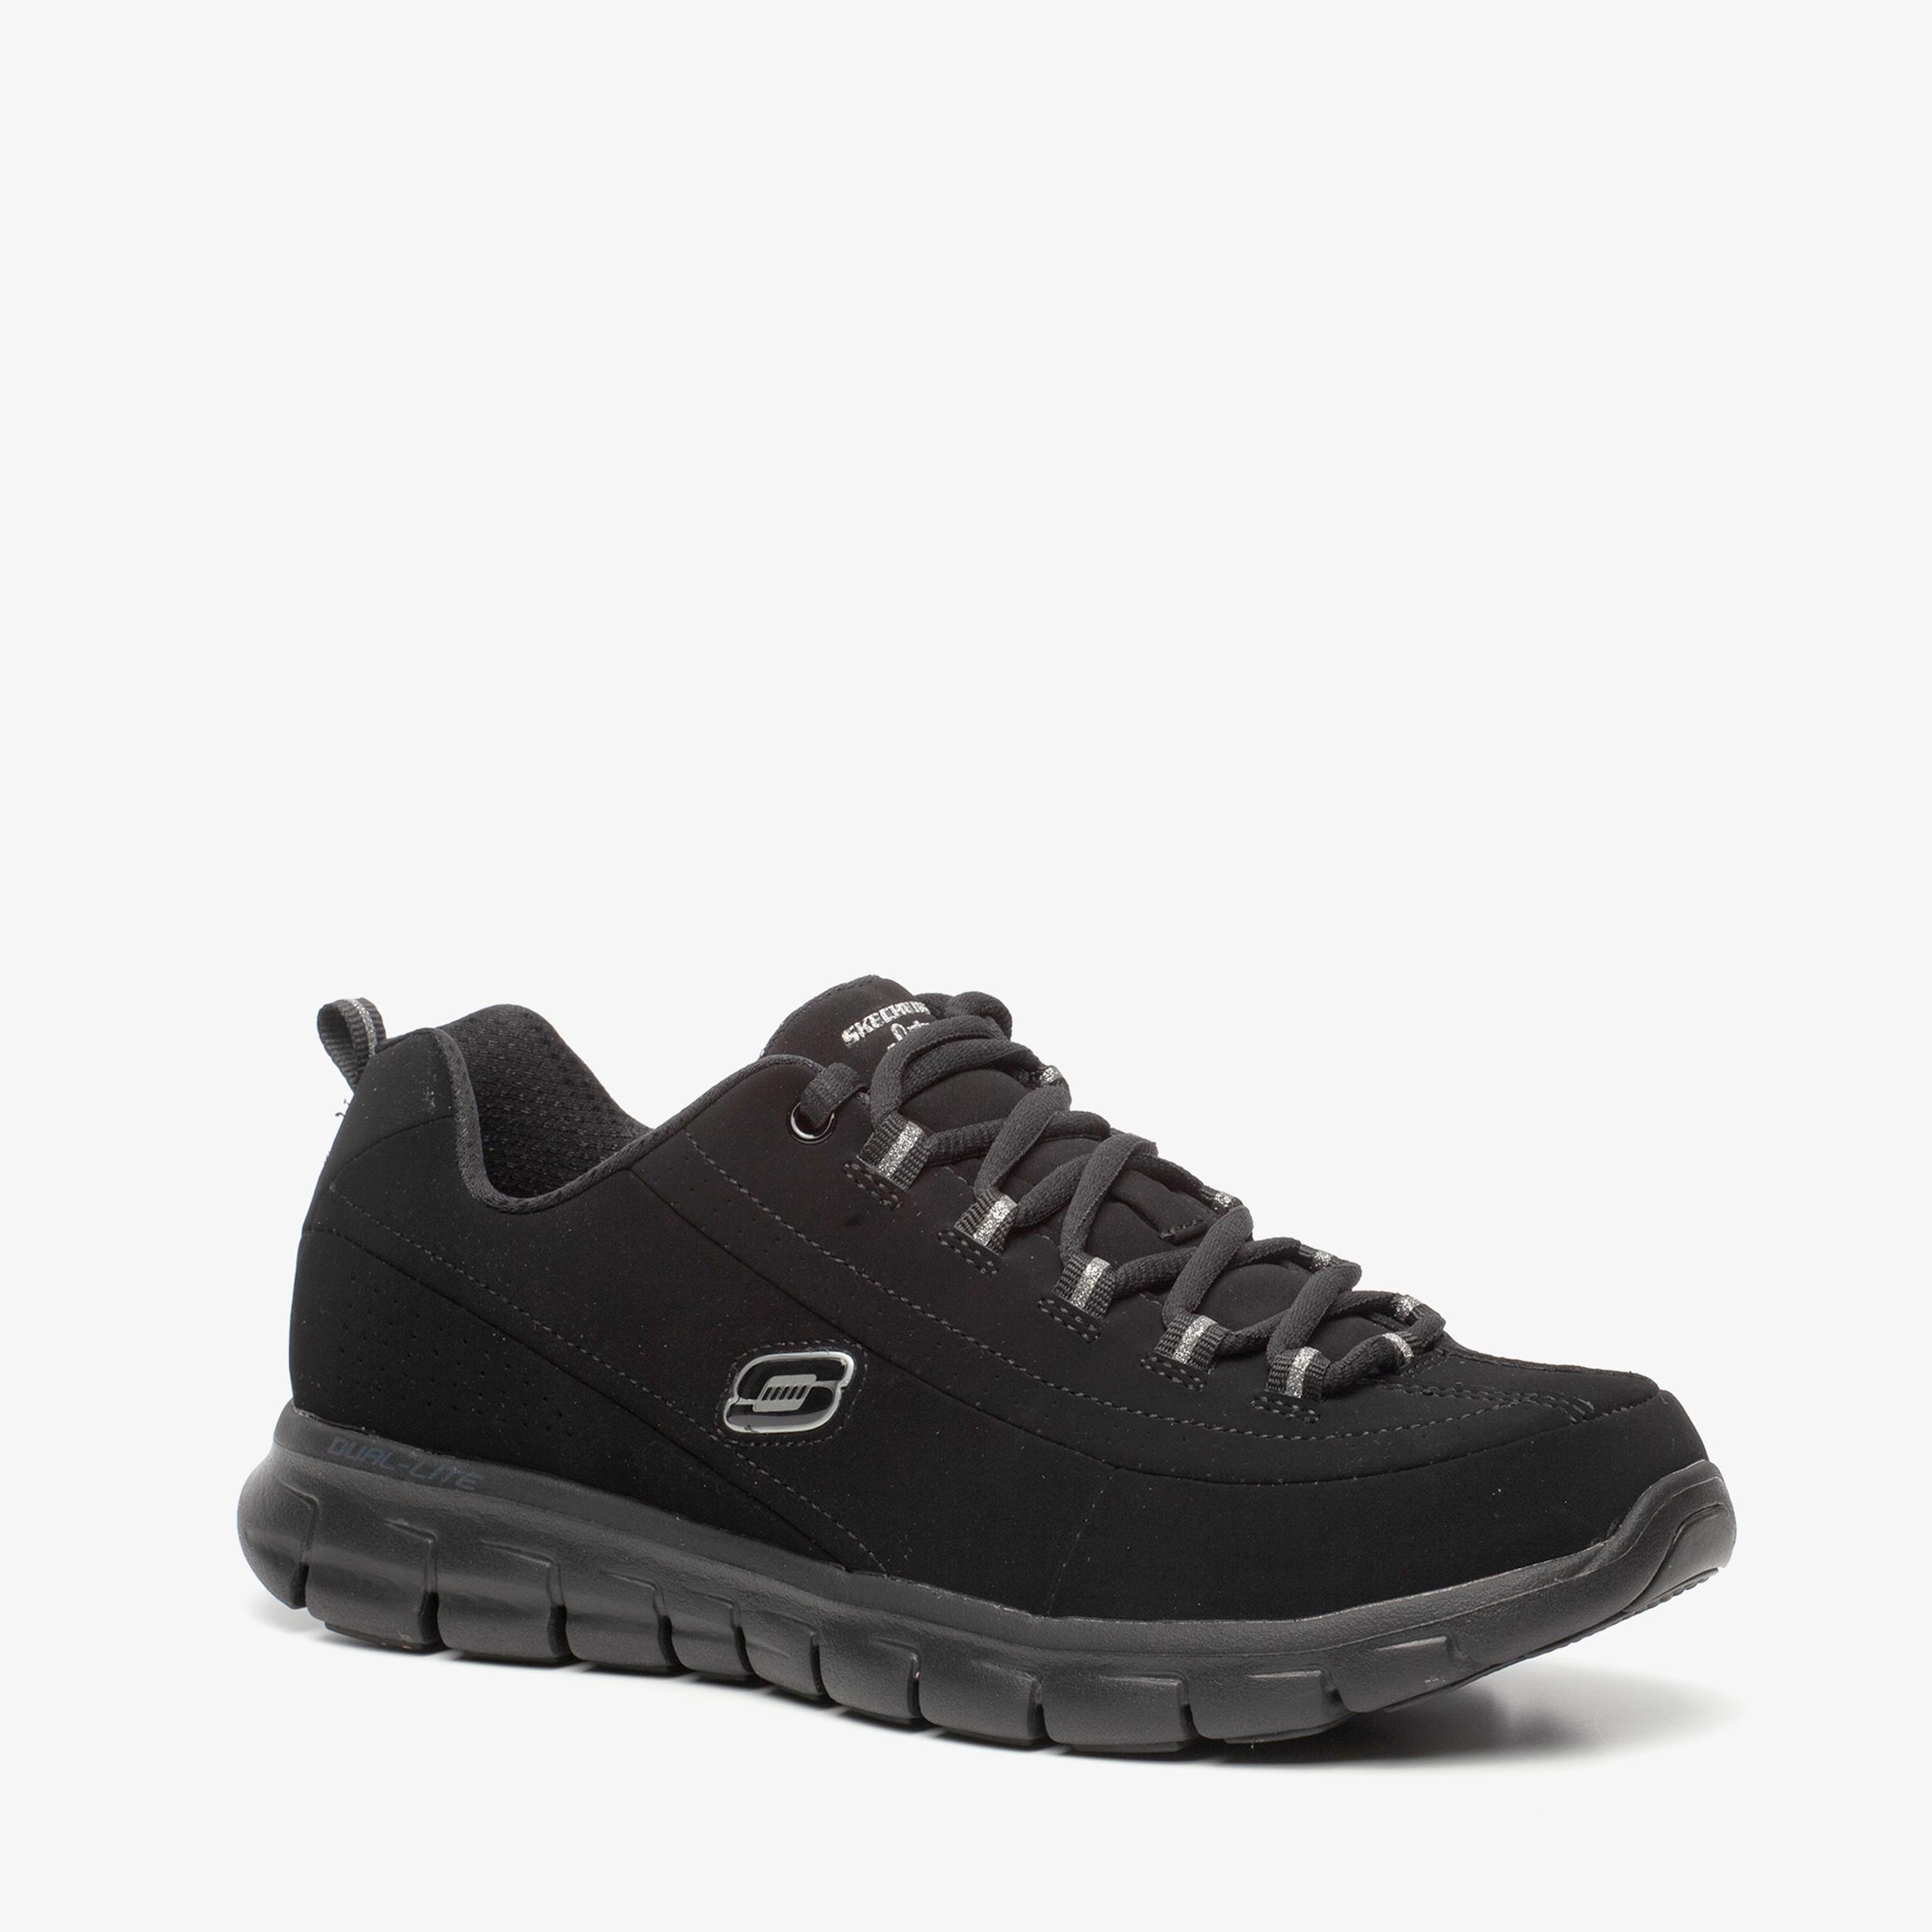 7485c345aa9 Skechers Synergy dames wandelschoenen online bestellen | Scapino